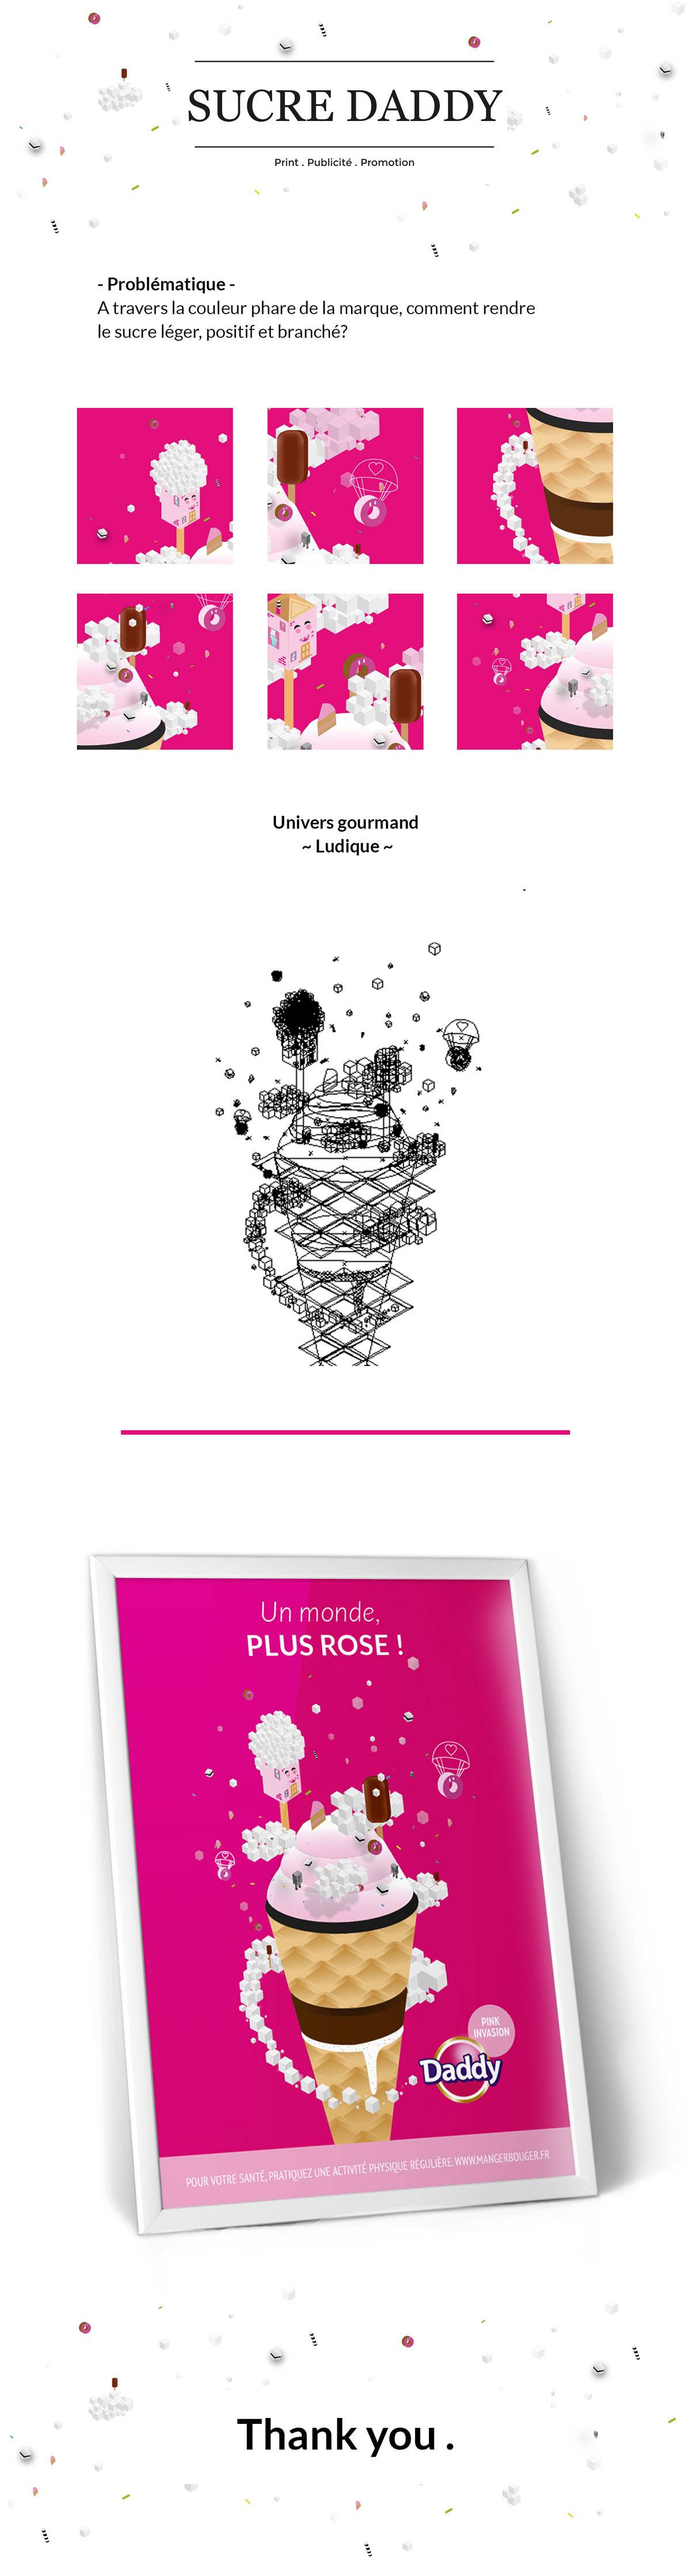 Affiche Sucre Daddy Sucrerie Pixel Art On Behance